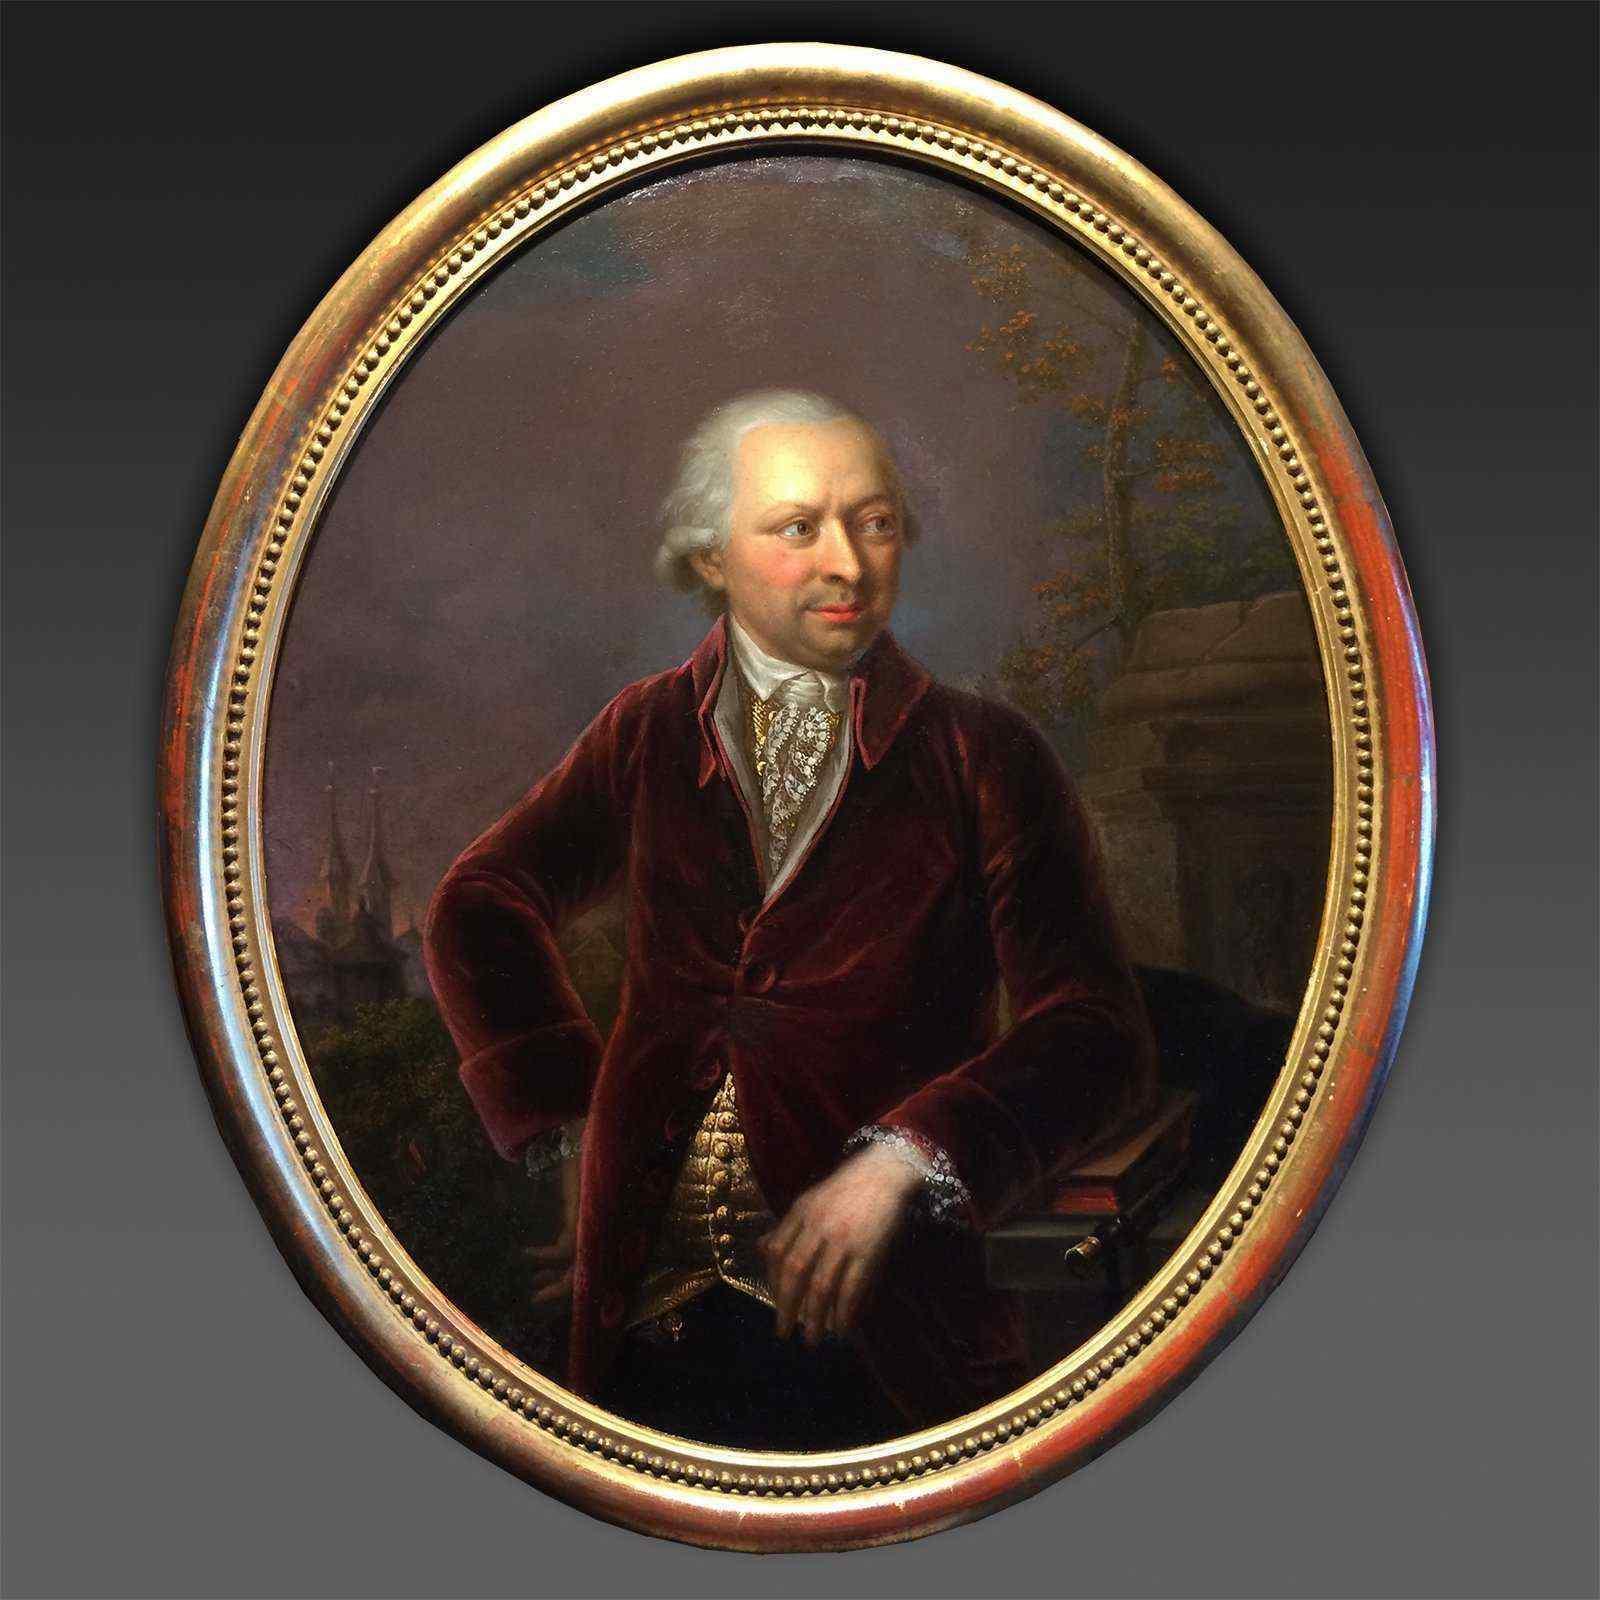 Portrait d'homme, de nuit - daté 1788, Johann Georg Zell (17